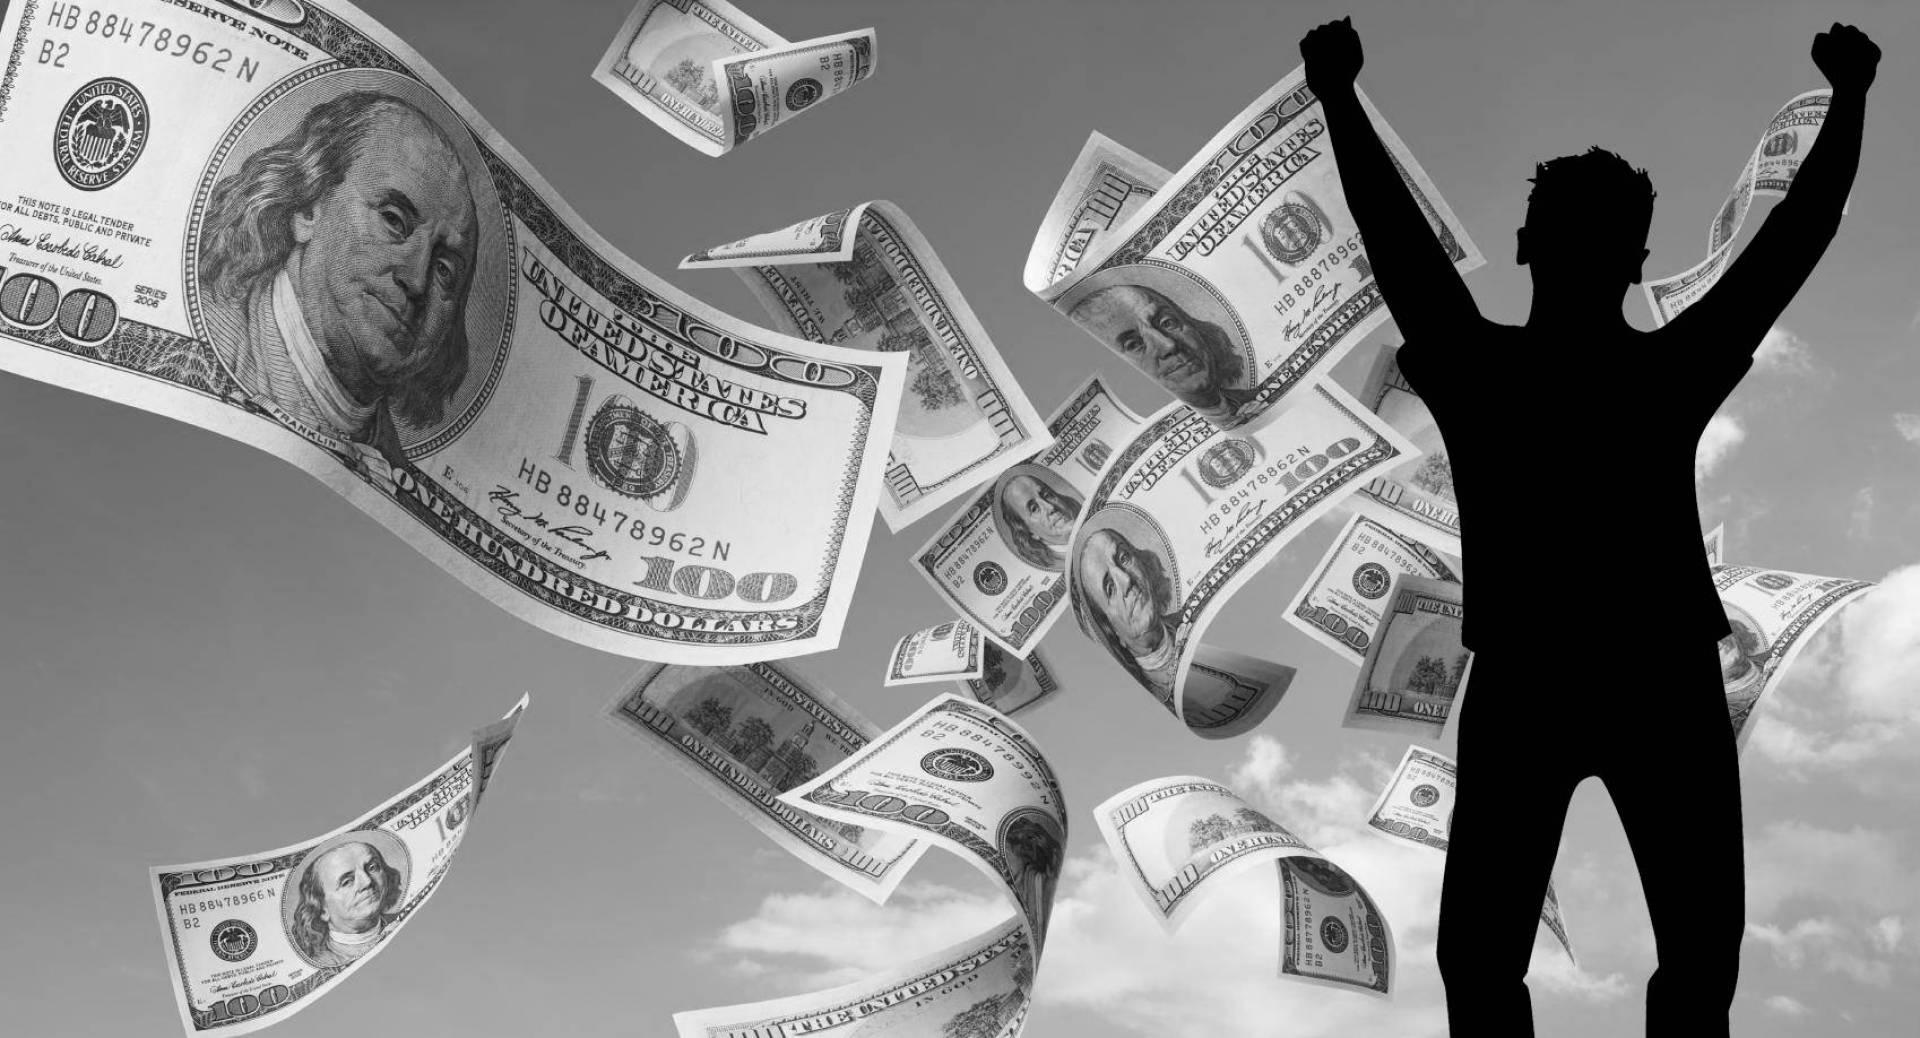 كيف أبرم شاب في الـ 26 من العمر.. صفقة بـ 400 مليون دولار؟